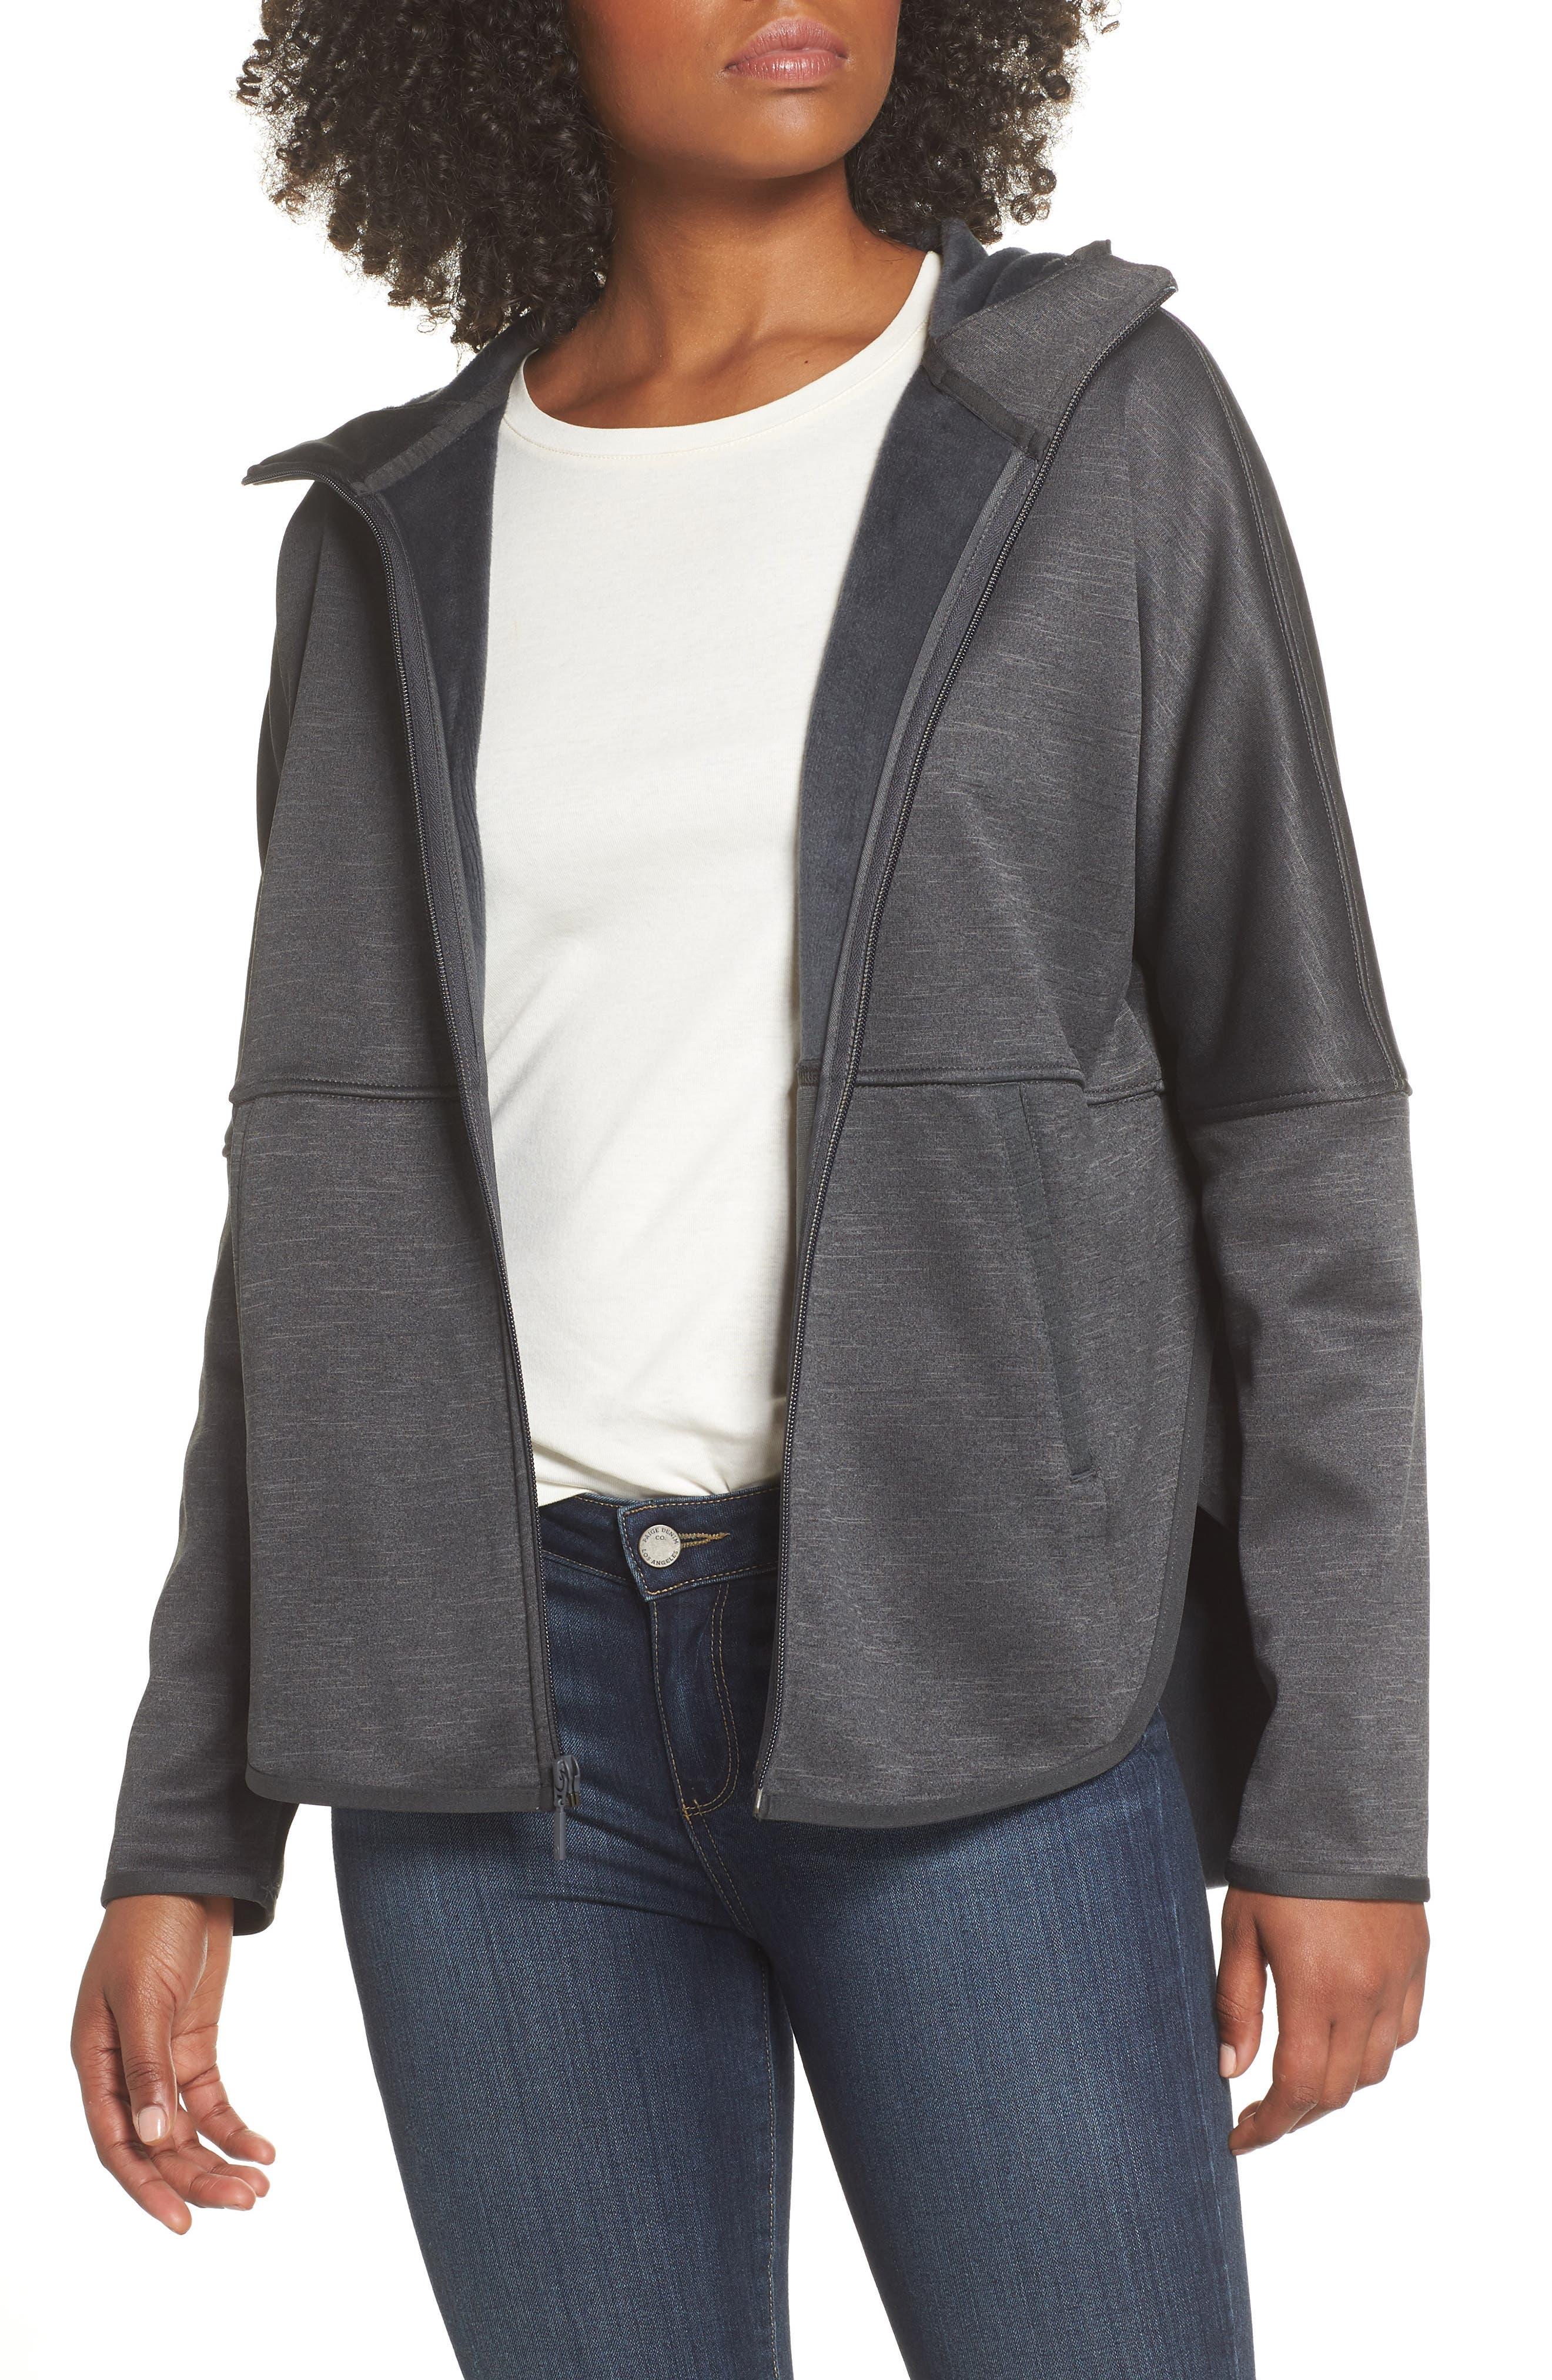 Cozy Slacker Jacket,                             Main thumbnail 1, color,                             TNF DARK GREY HEATHER